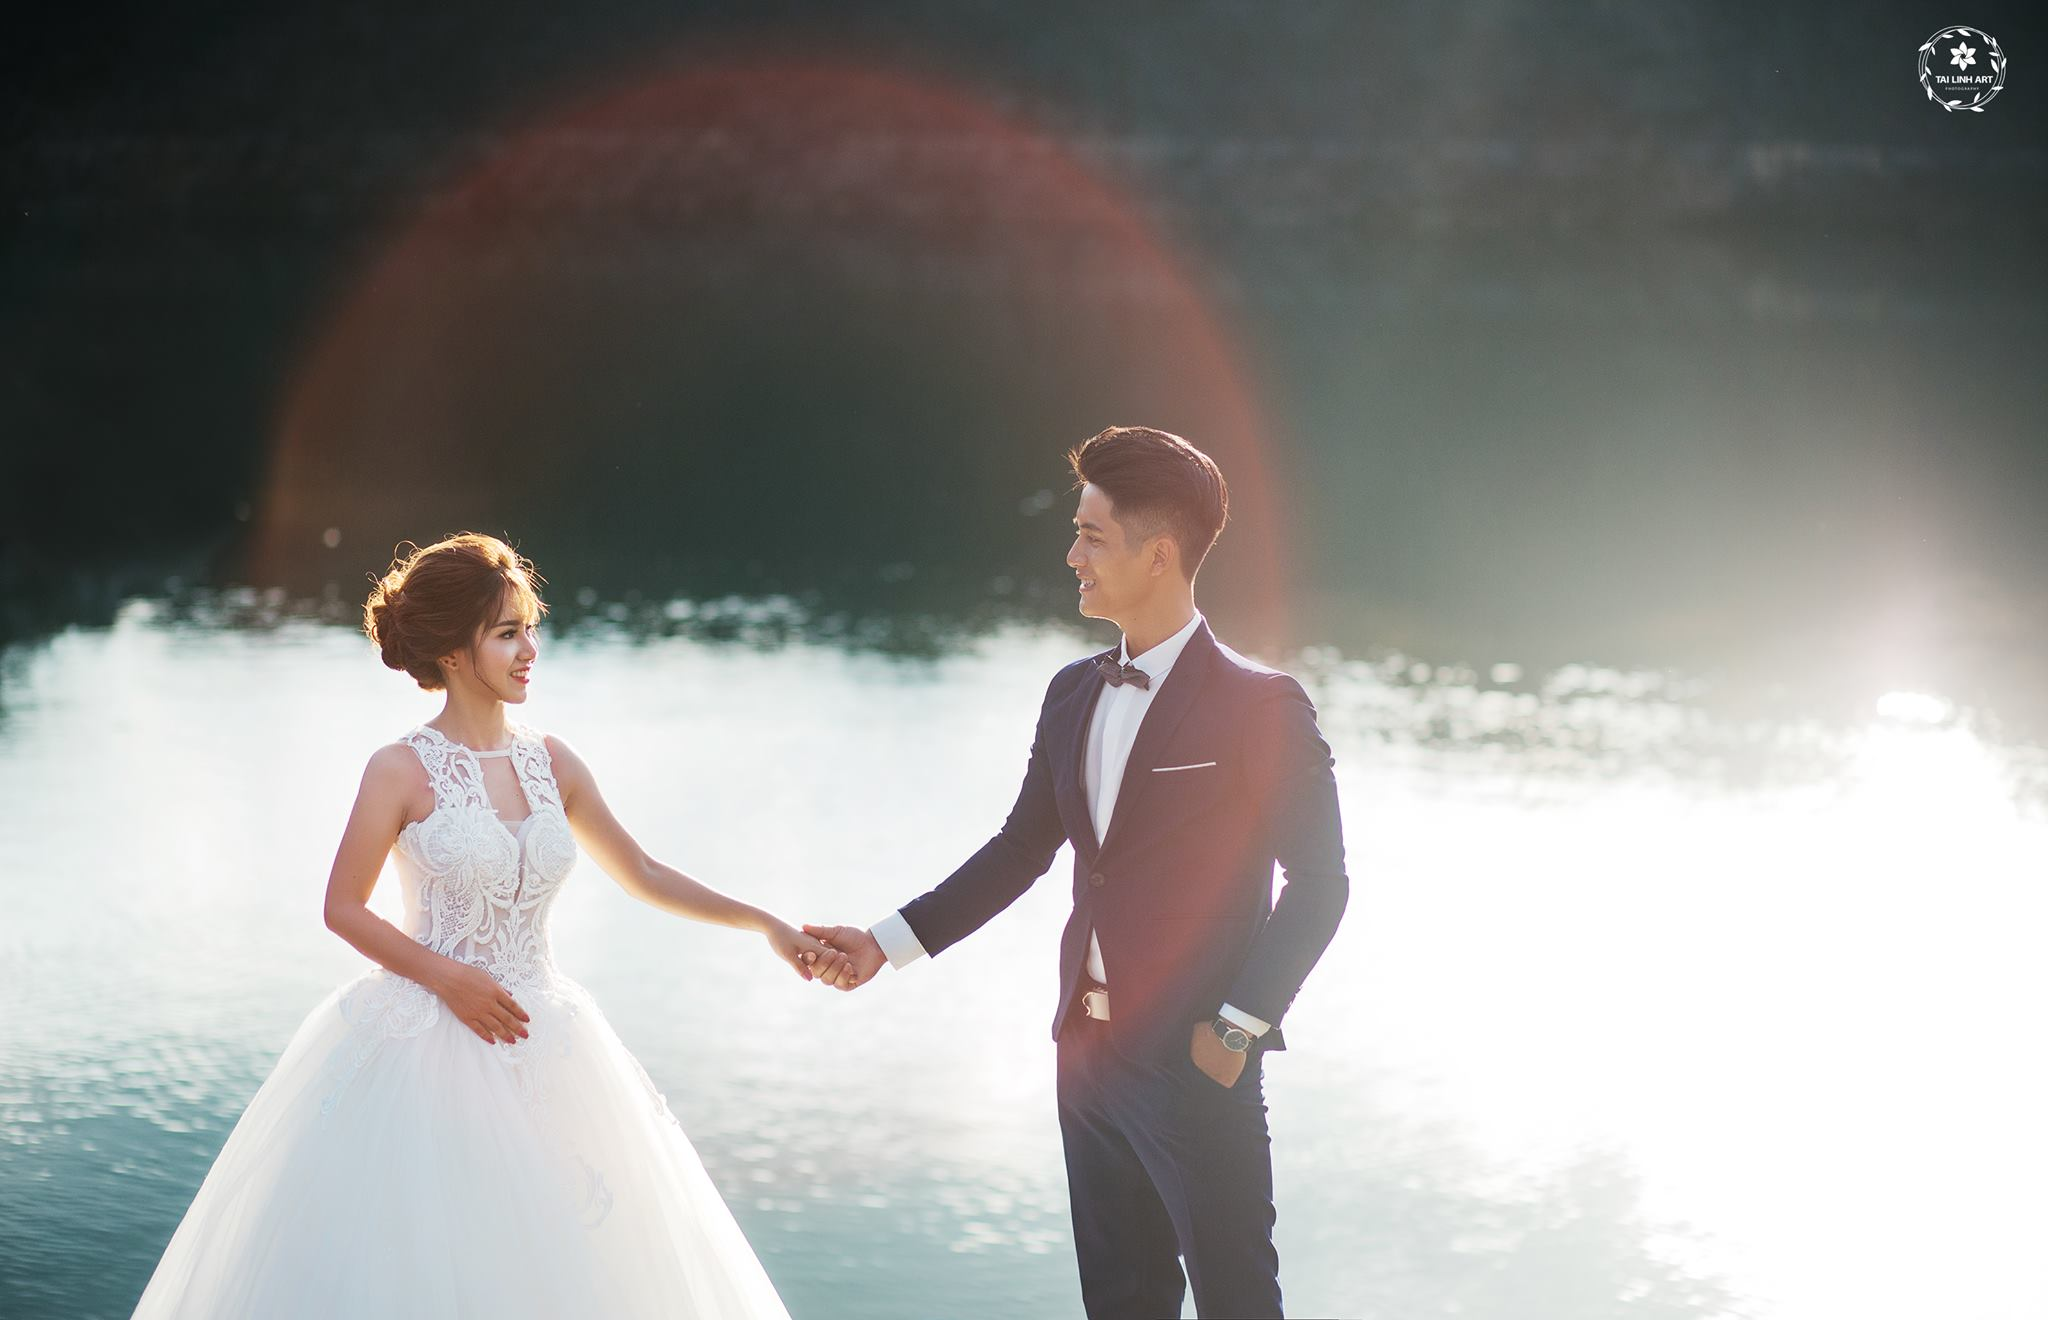 địa điểm chụp ảnh cưới đẹp daklak , studio chụp ảnh cưới đẹp nhất bmt , tài linh art , chụp ảnh cưới đẹp bmt